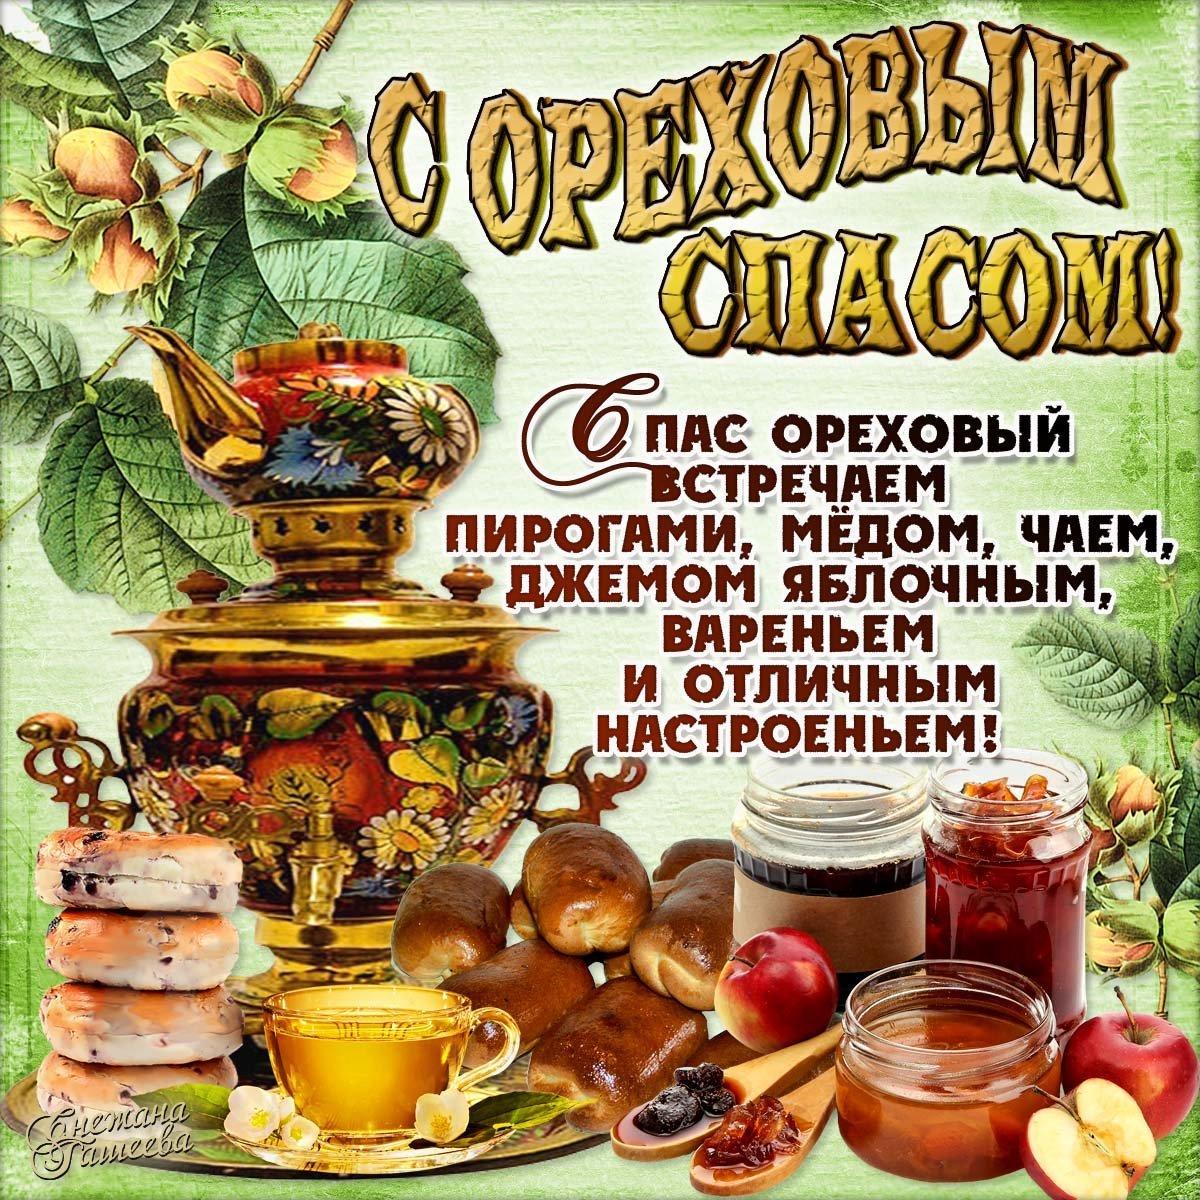 Картинки с праздником ореховый спас, картинки